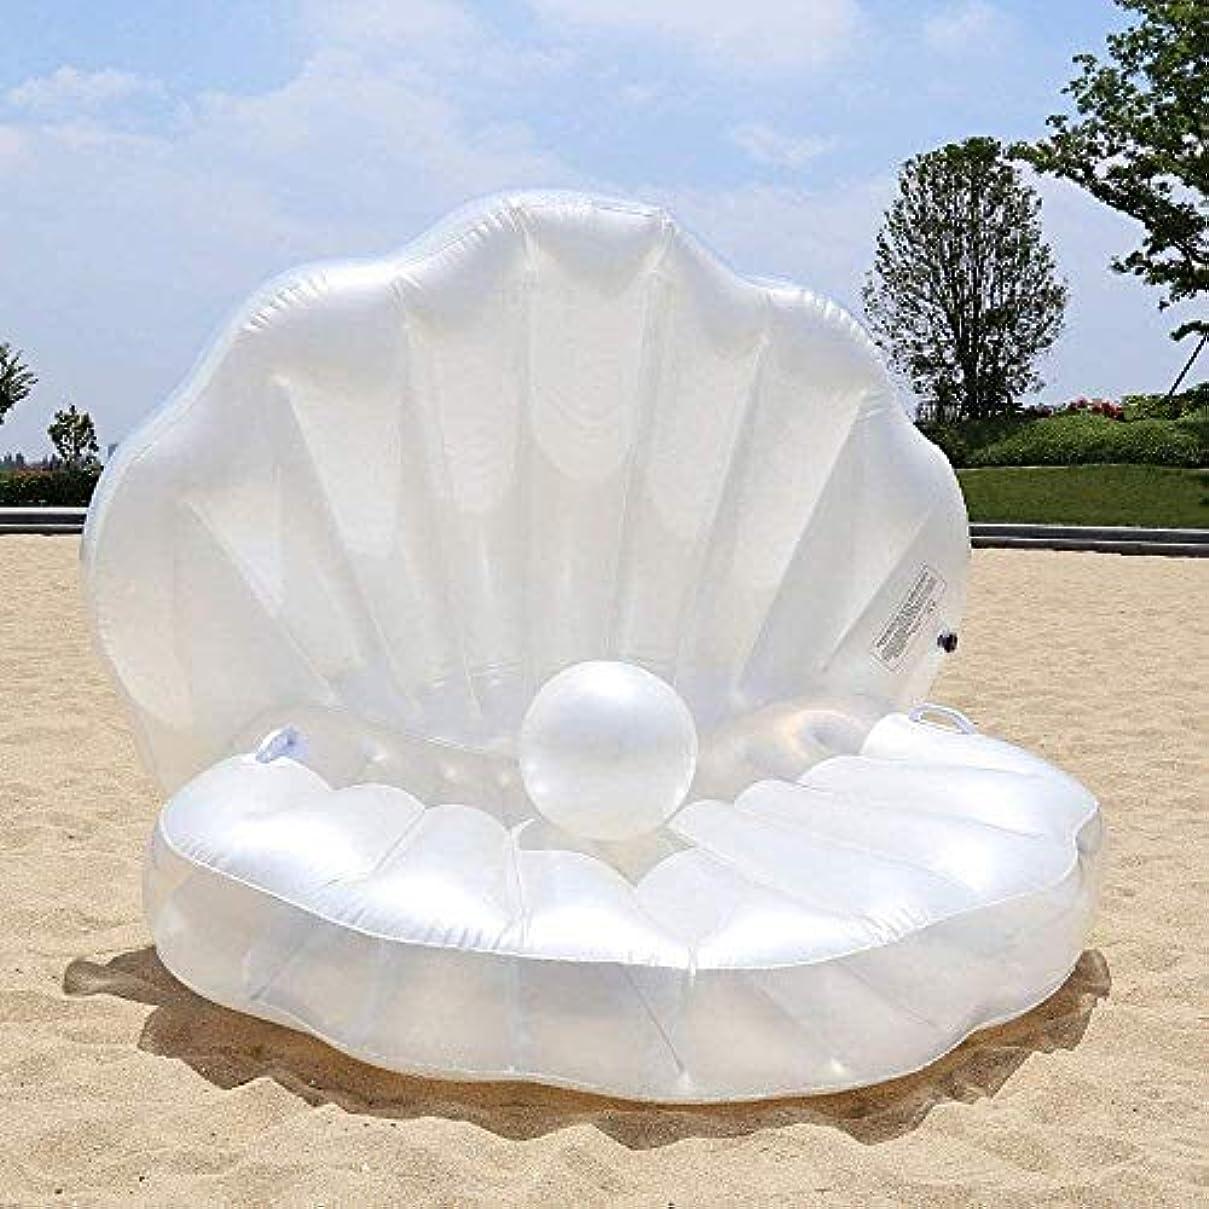 ケーブルカー夢中環境ZYstyle 新しい夏のファッションは、プールを折り、真珠の玉ファンインフレータブルフロートラインは、夏のパーティーを膨らませて、フローティングベッドウォーター山屋外ガーデン人魚